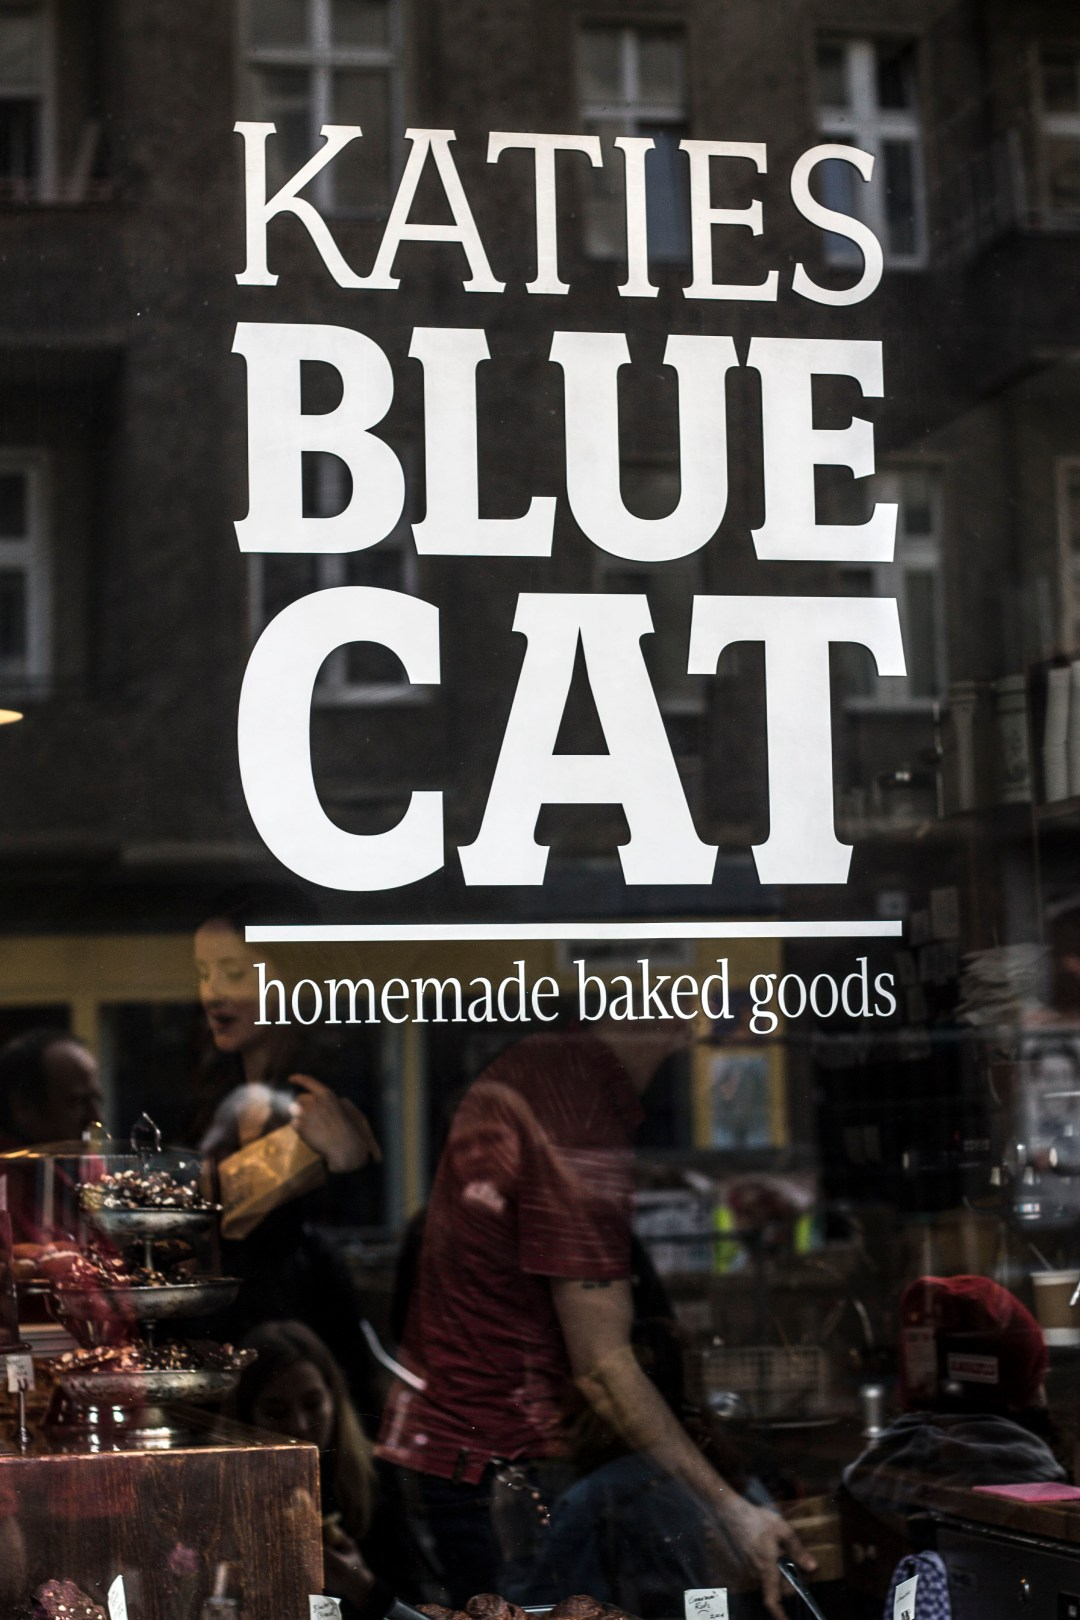 Katie's Blue Cat